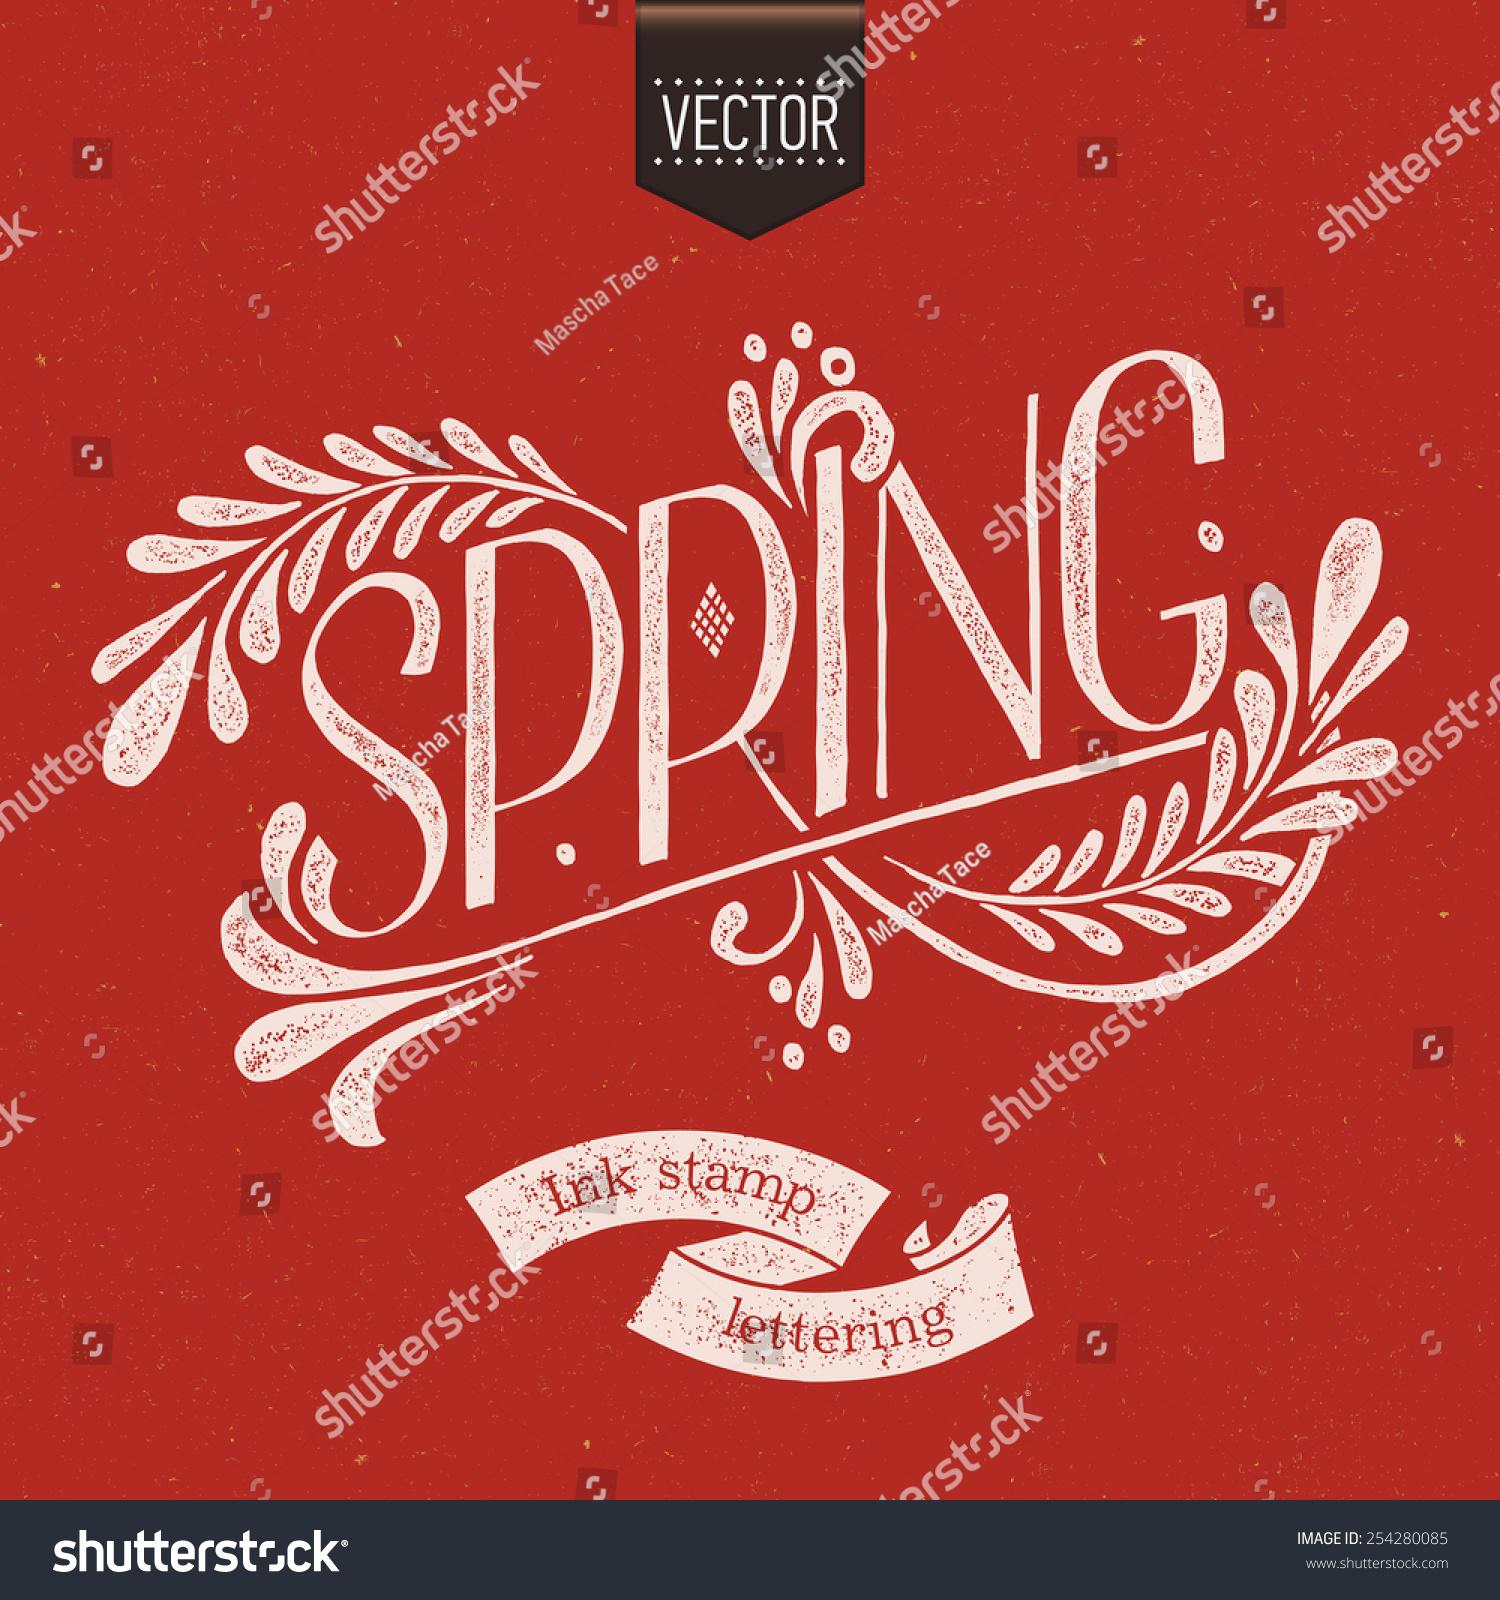 简单的矢量手绘复古字体设计元素在春天的花卉装饰和.